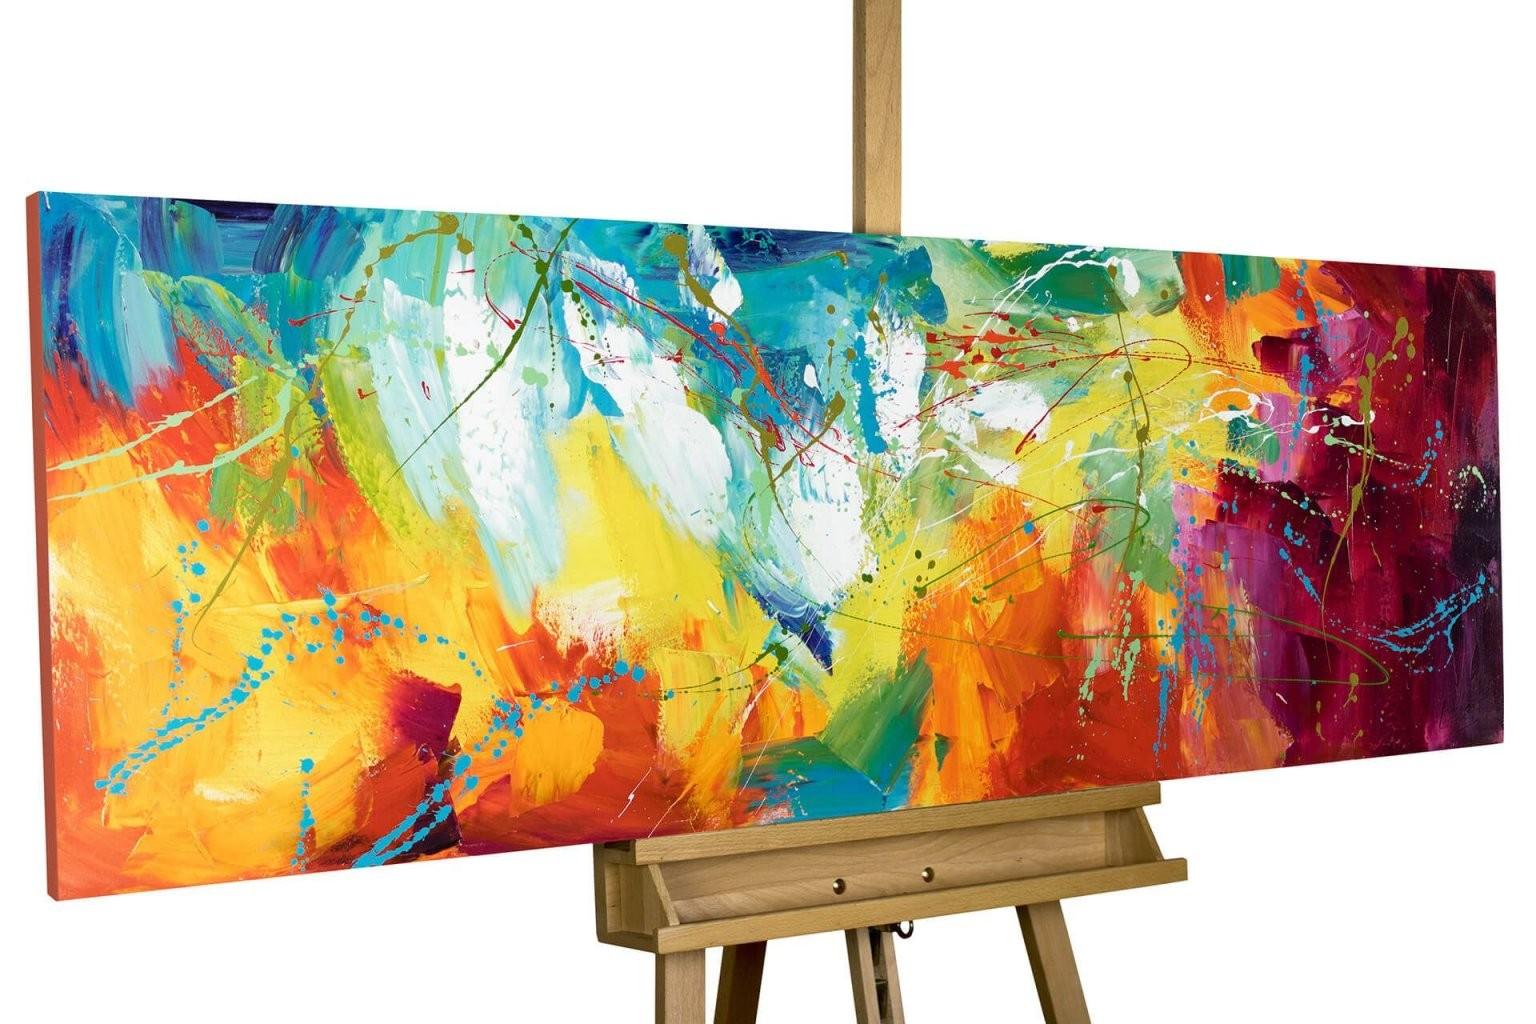 Acryl Gemälde 'bright Future' 150X50Cm  Abstract Art  Gemälde von Abstrakte Acrylbilder Selber Malen Bild